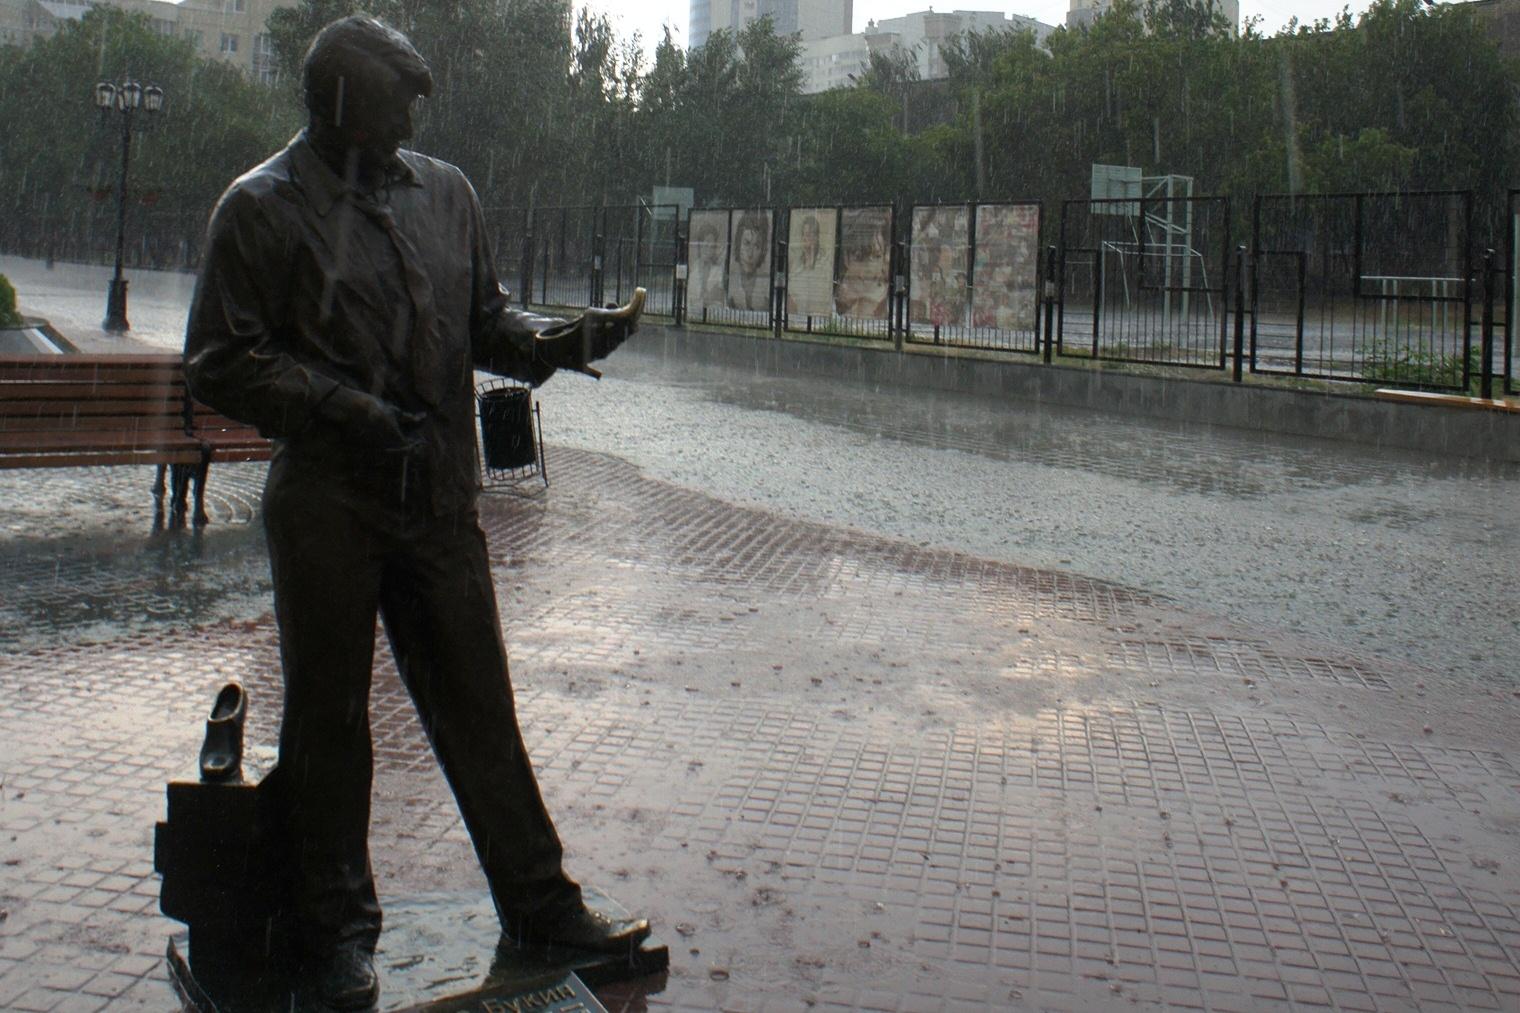 Сидите дома: дожди в Екатеринбурге кончатся только после выходных